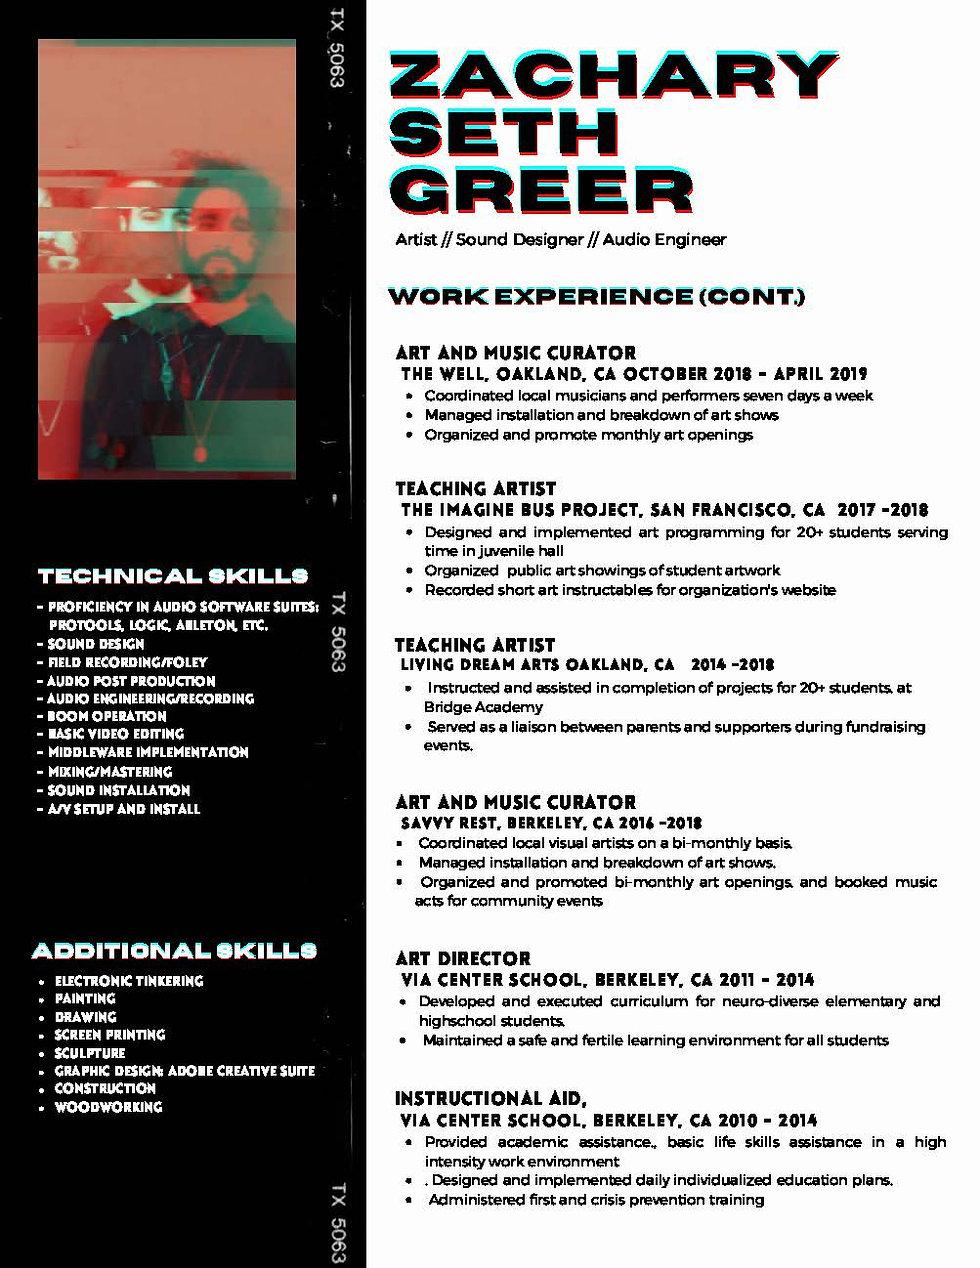 ZacharySethGreer_FullCV_PG2_Page_1.jpg